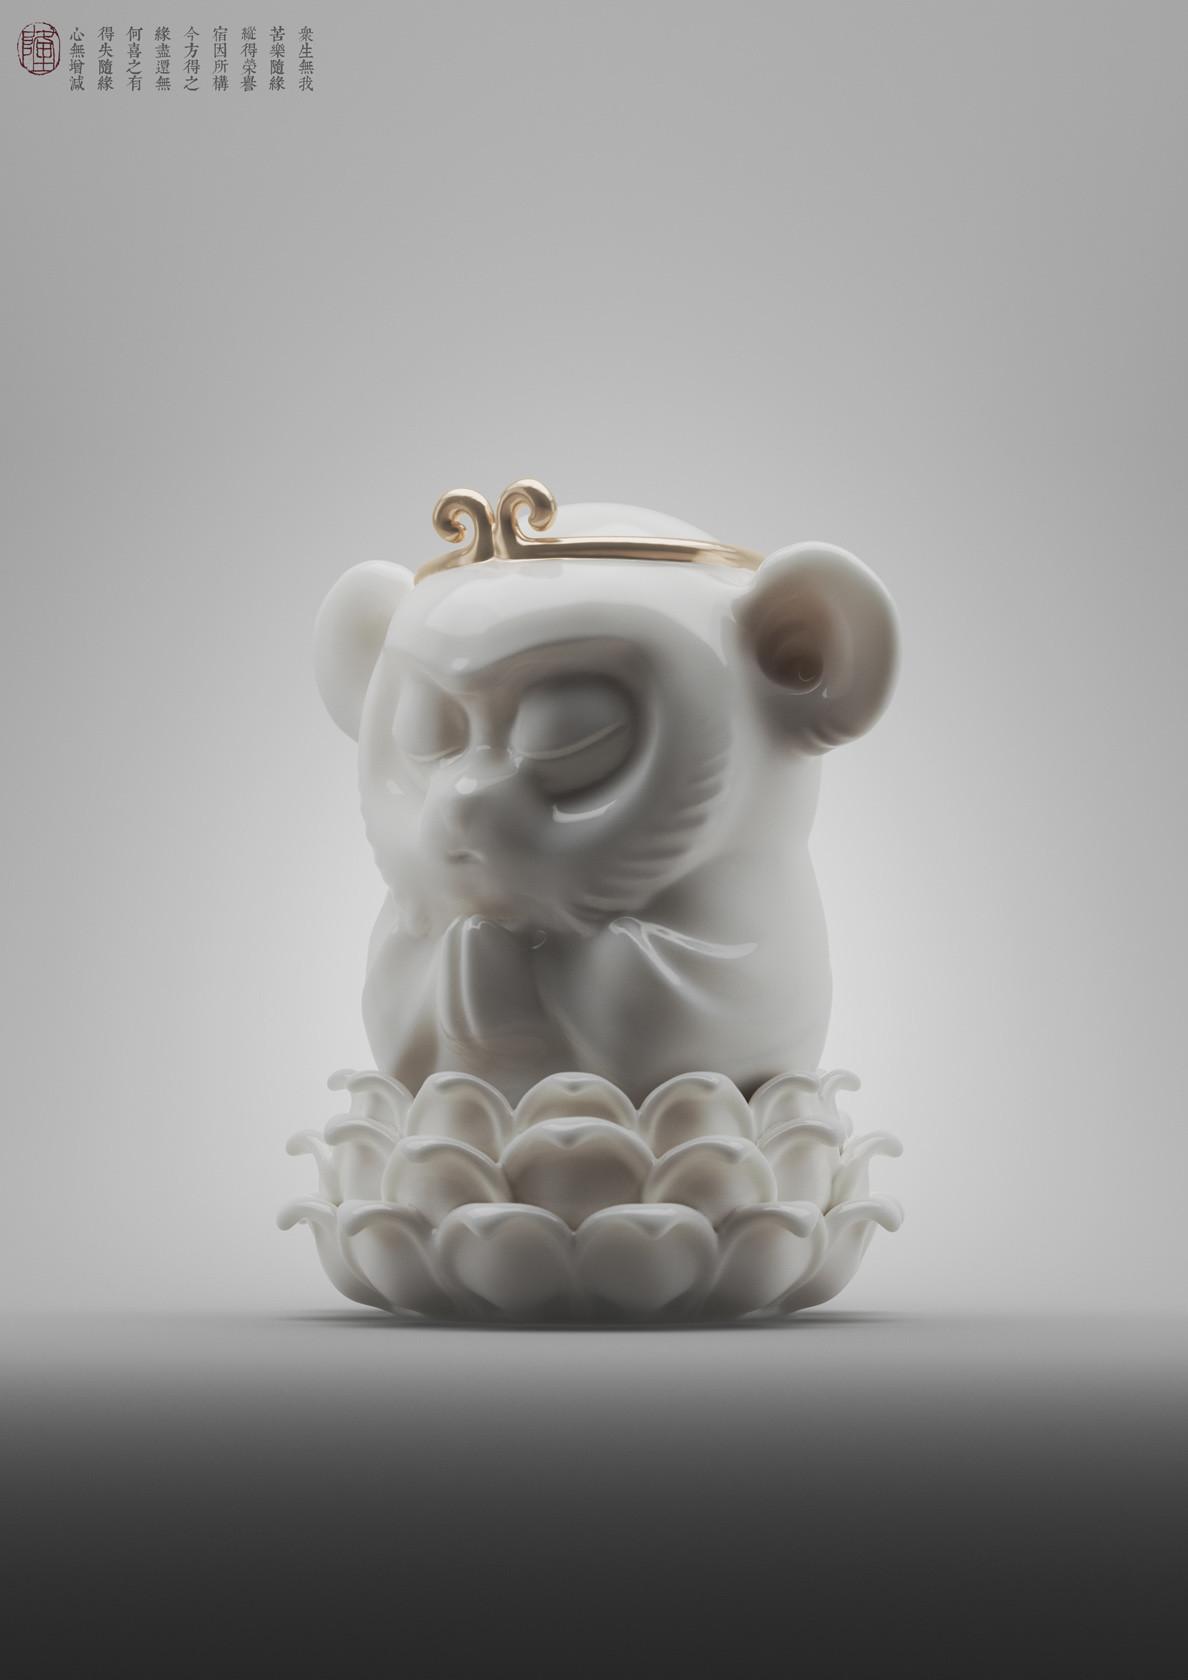 Zhelong xu monkeyzen02 resize